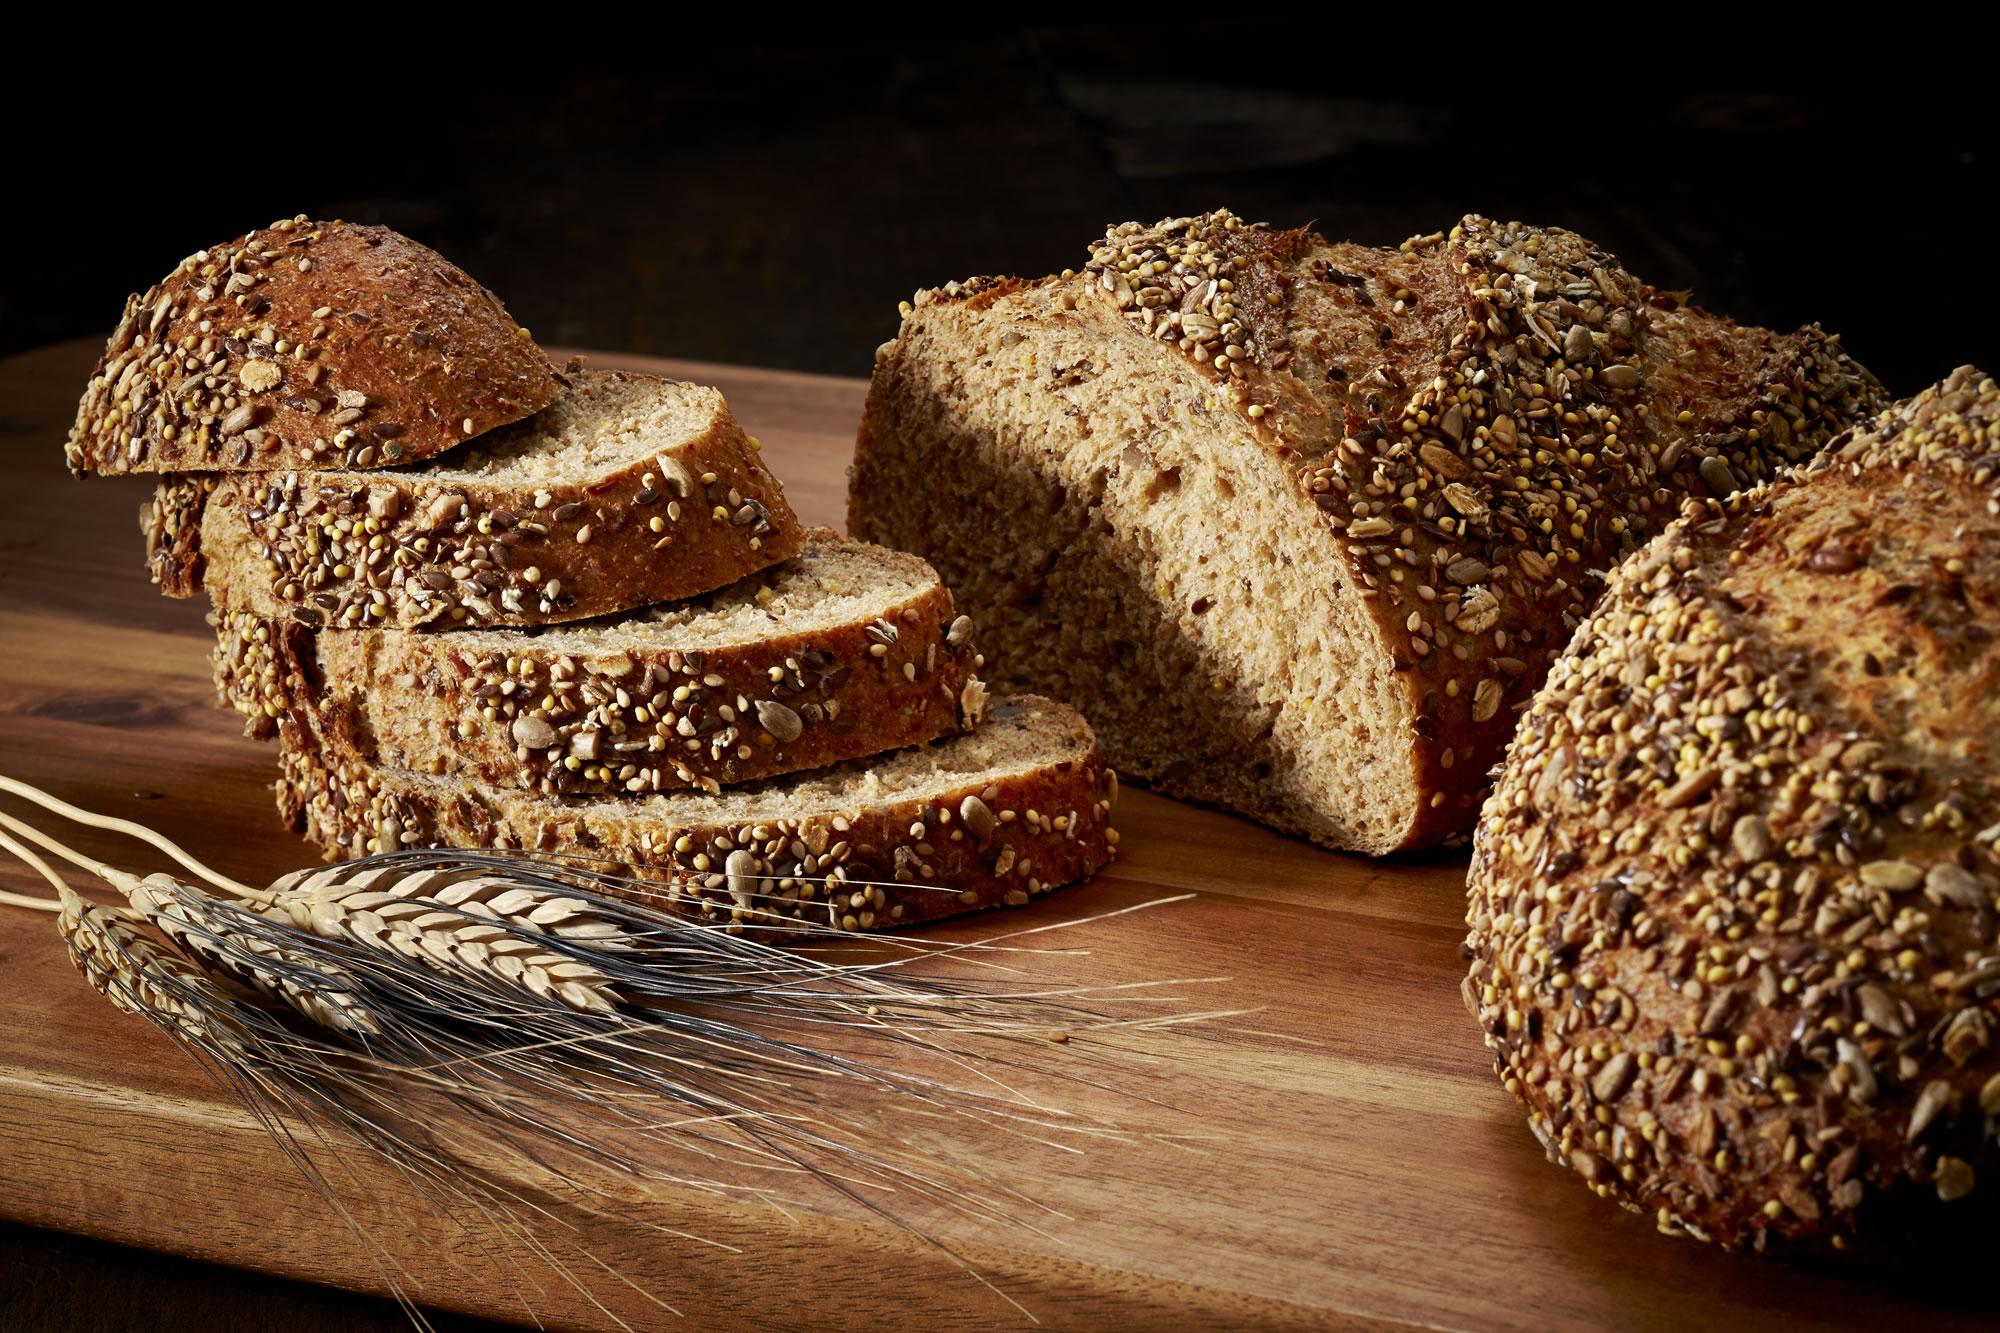 ekmek Akdeniz Beslenmesini Tercih Etmenize Sebep Olacak Etkenler